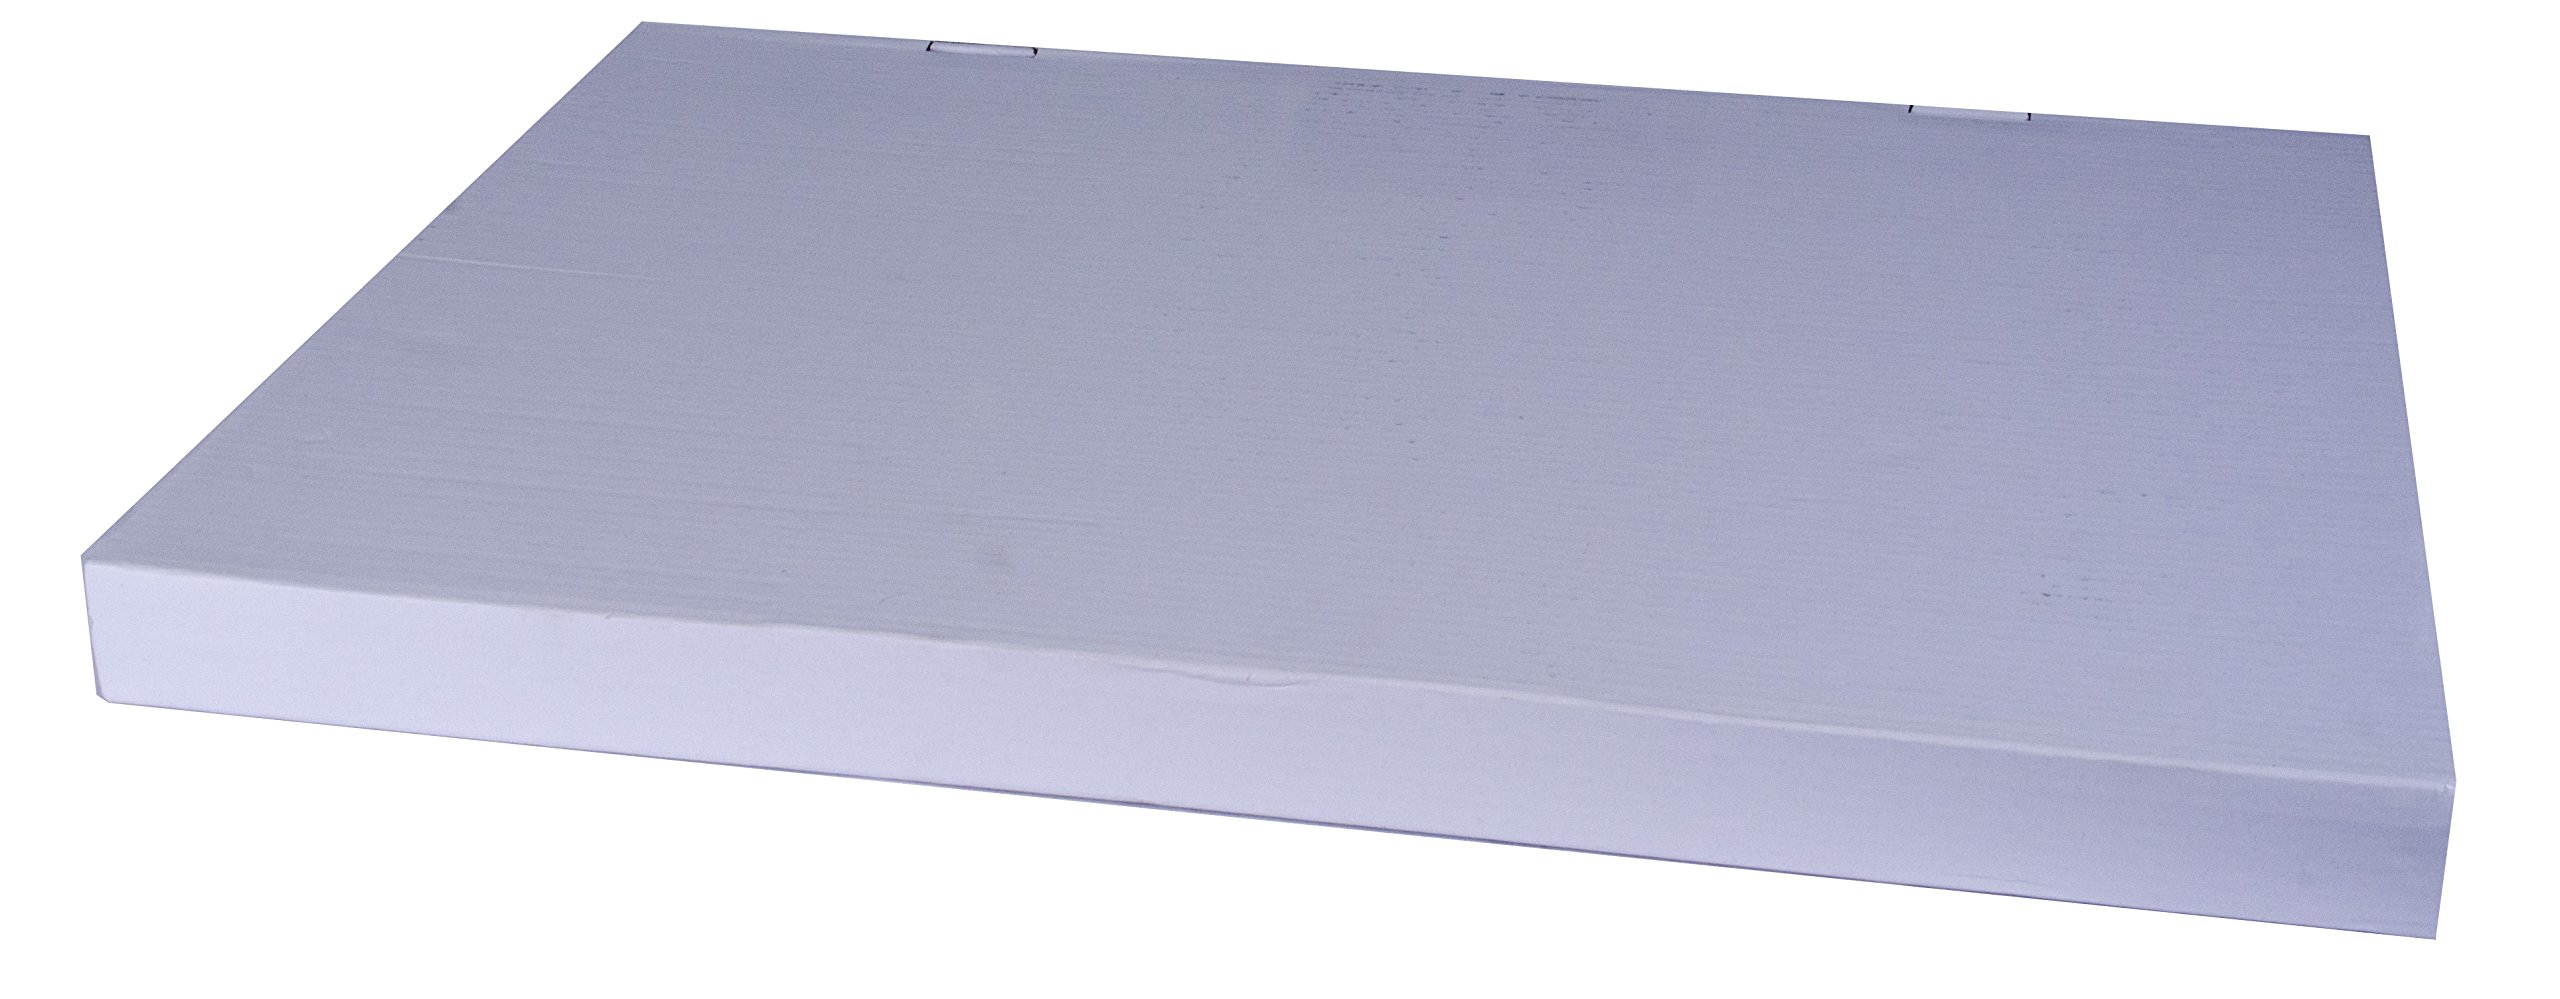 11x17 Tabloid Lamination Pouch, 11.5'' x 17.5'', 10 mil (553613), 50 per box